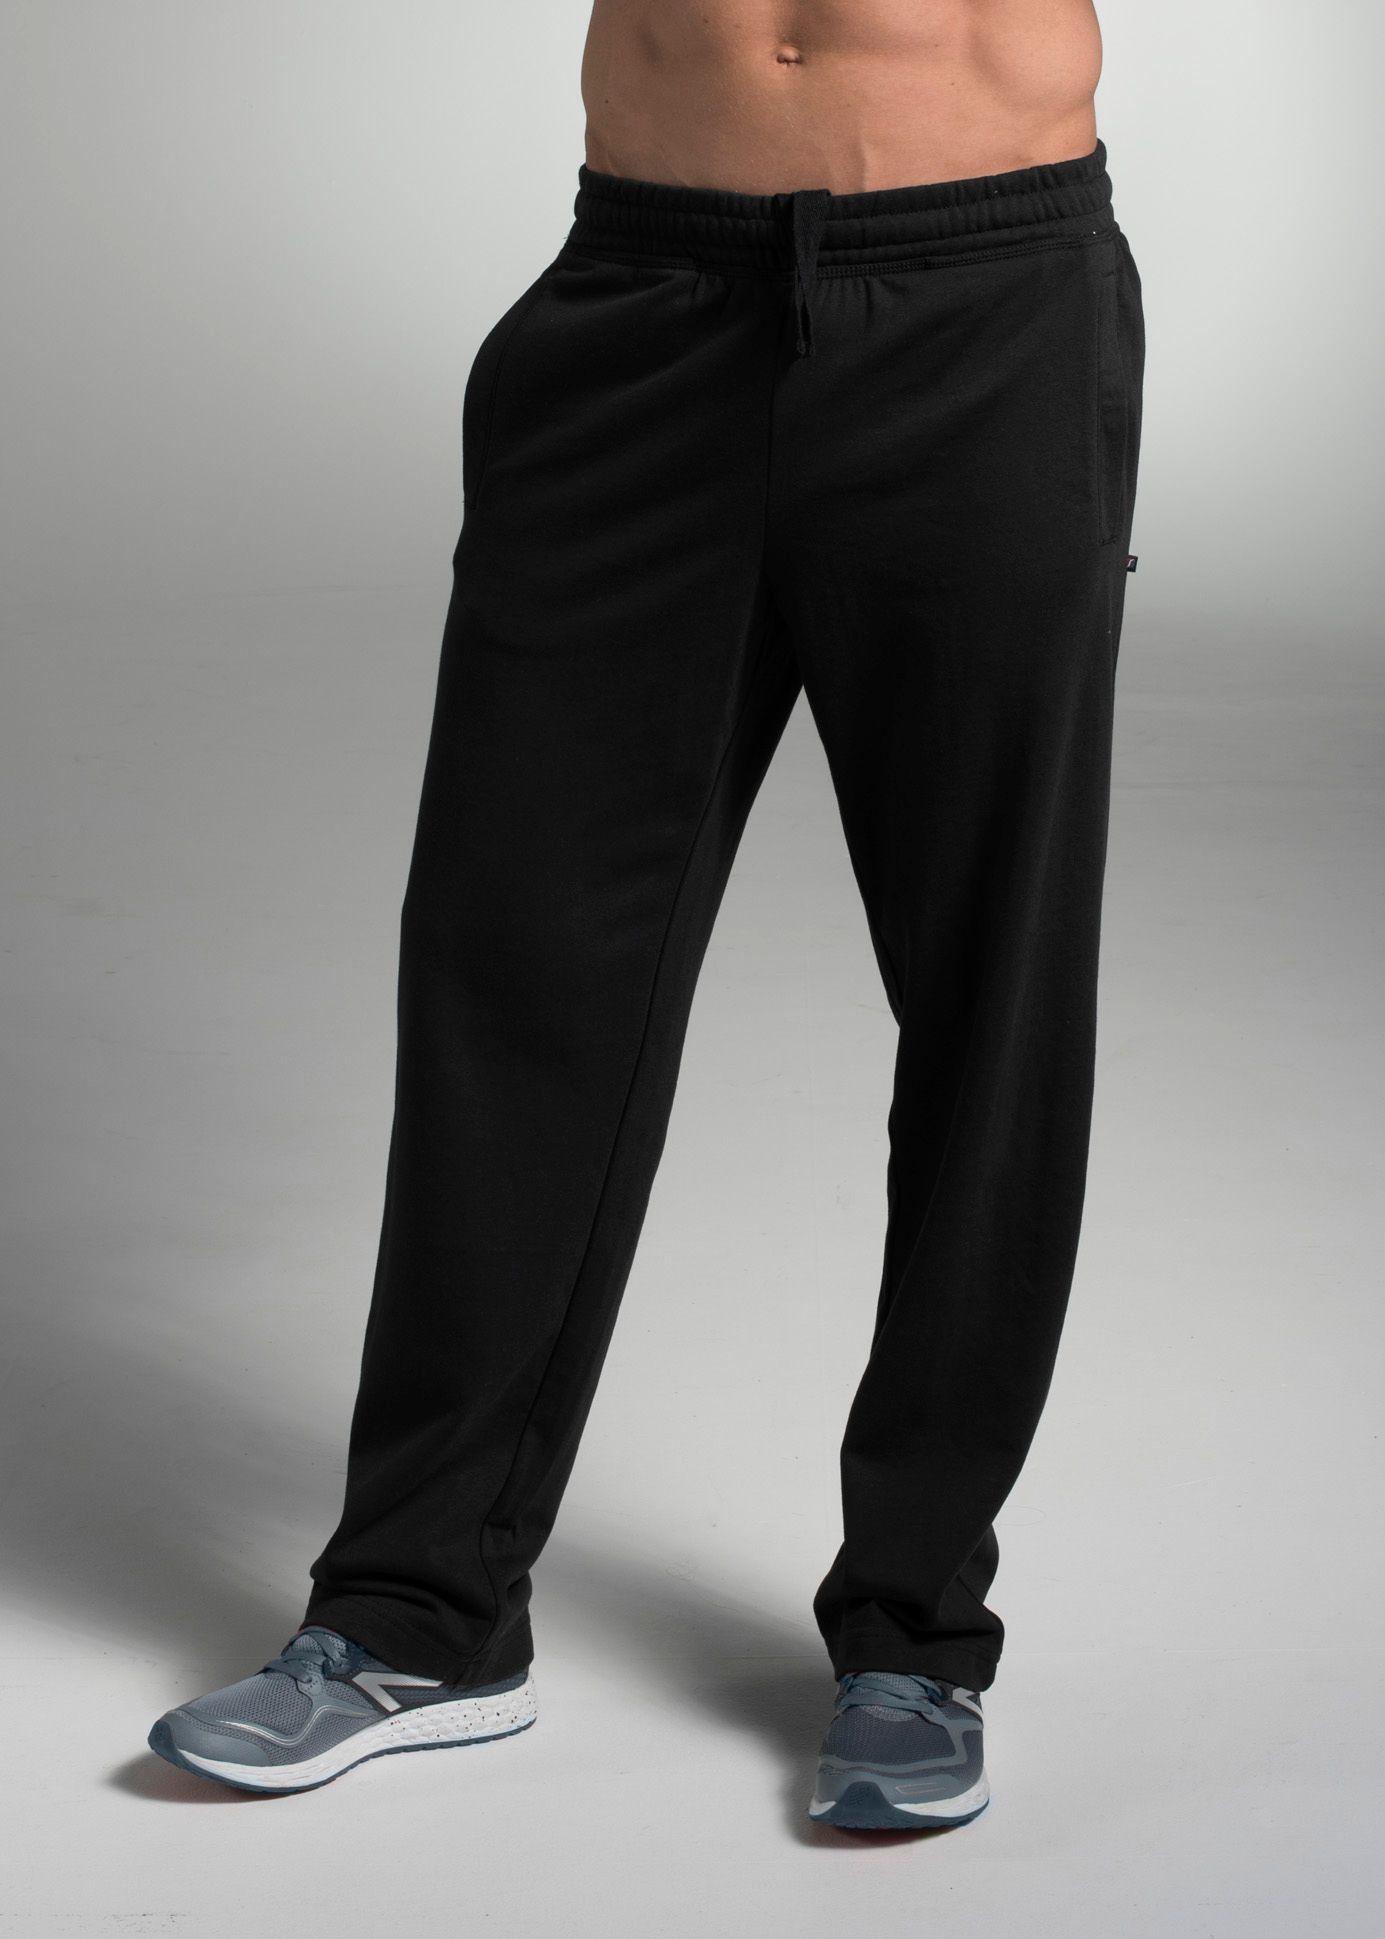 Spodnie kick